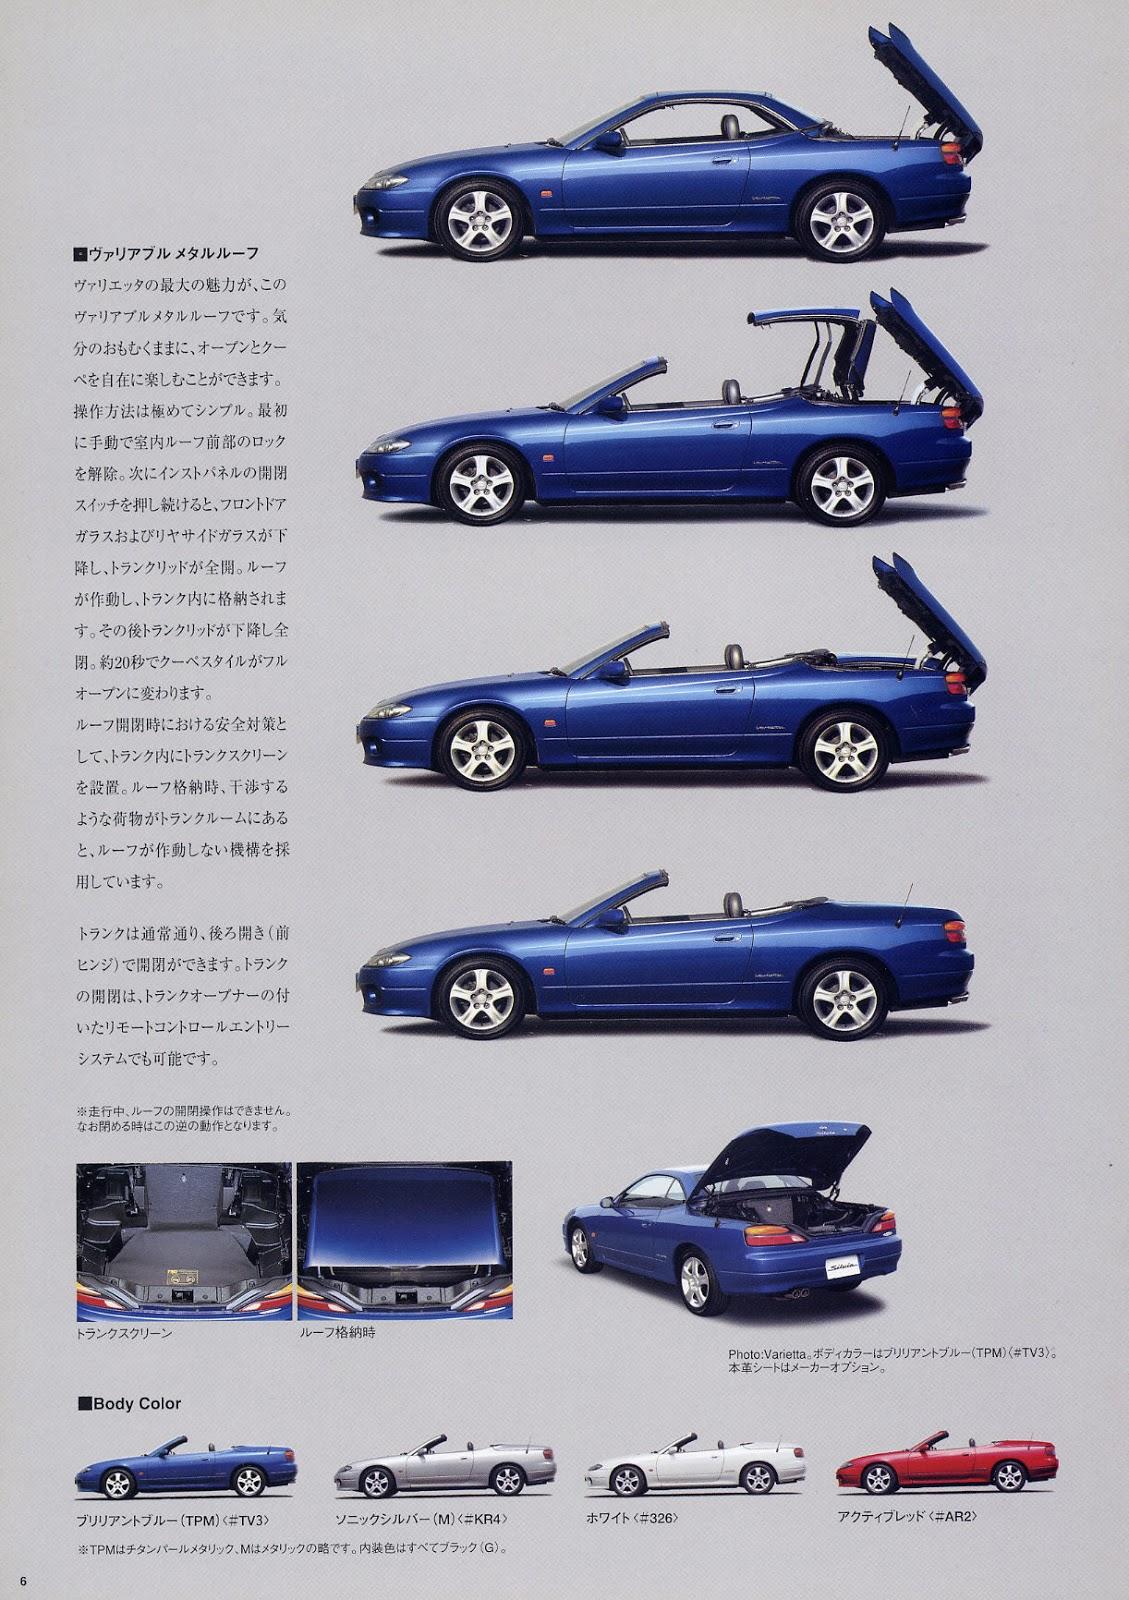 Nissan Silvia Varietta S15, japoński kabriolet, cabrio, convertible, bez dachu, samochody z Japonii, JDM, zdjęcia, sportowe auta